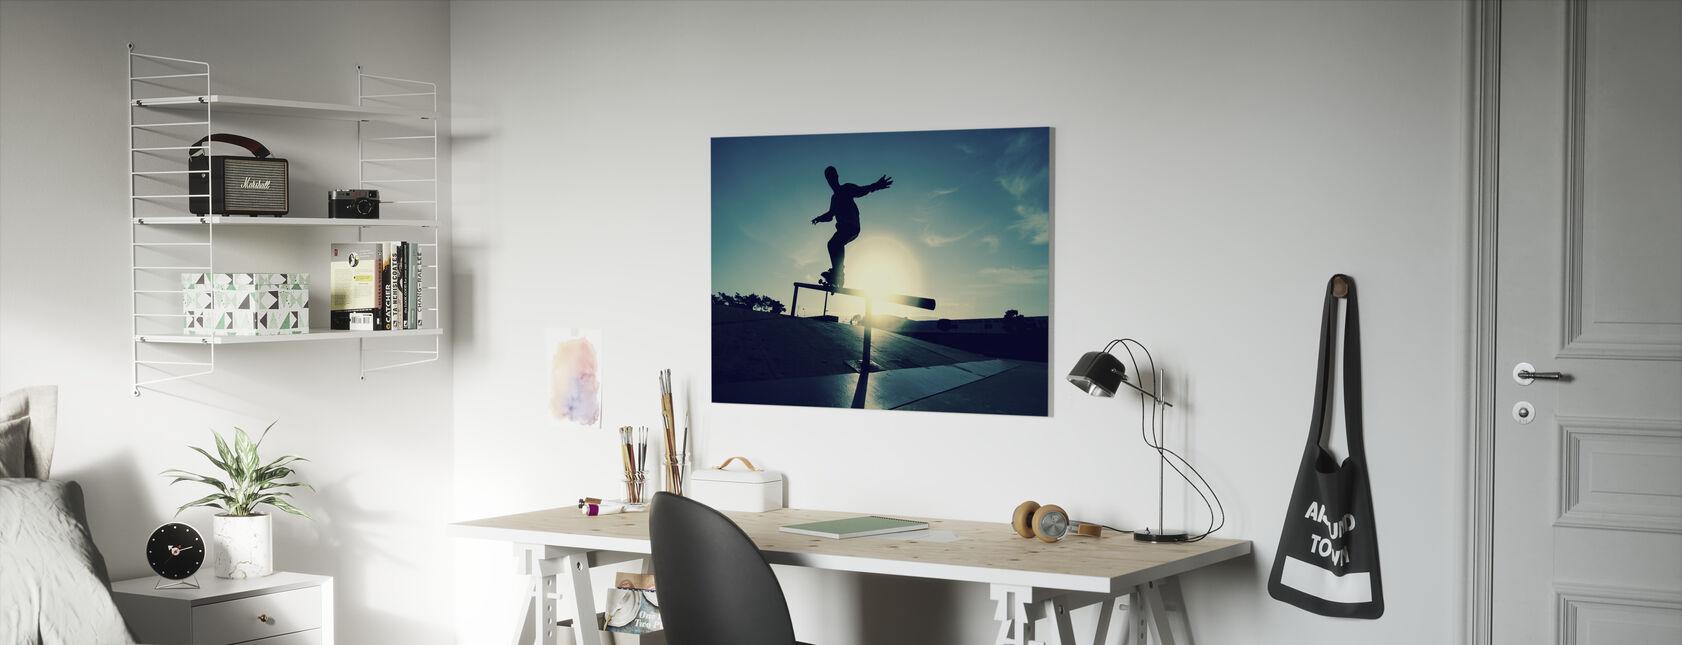 Skateboarder on a Grind - Canvas print - Kids Room